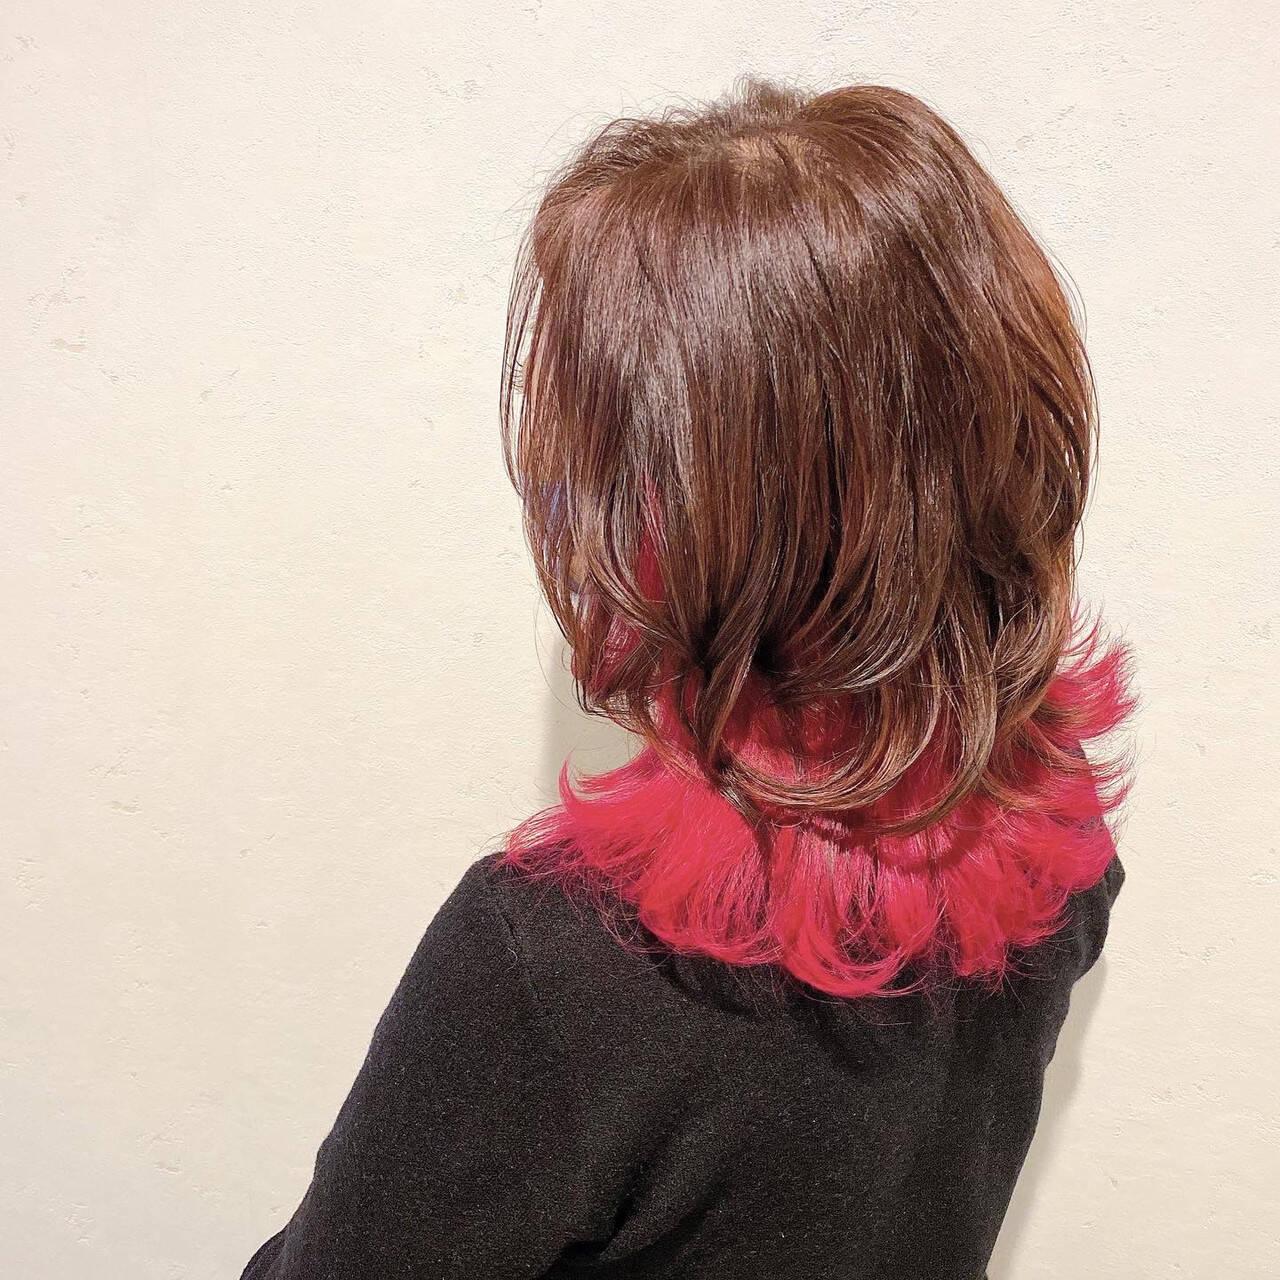 ピンクバイオレット インナーカラー ミディアム モードヘアスタイルや髪型の写真・画像